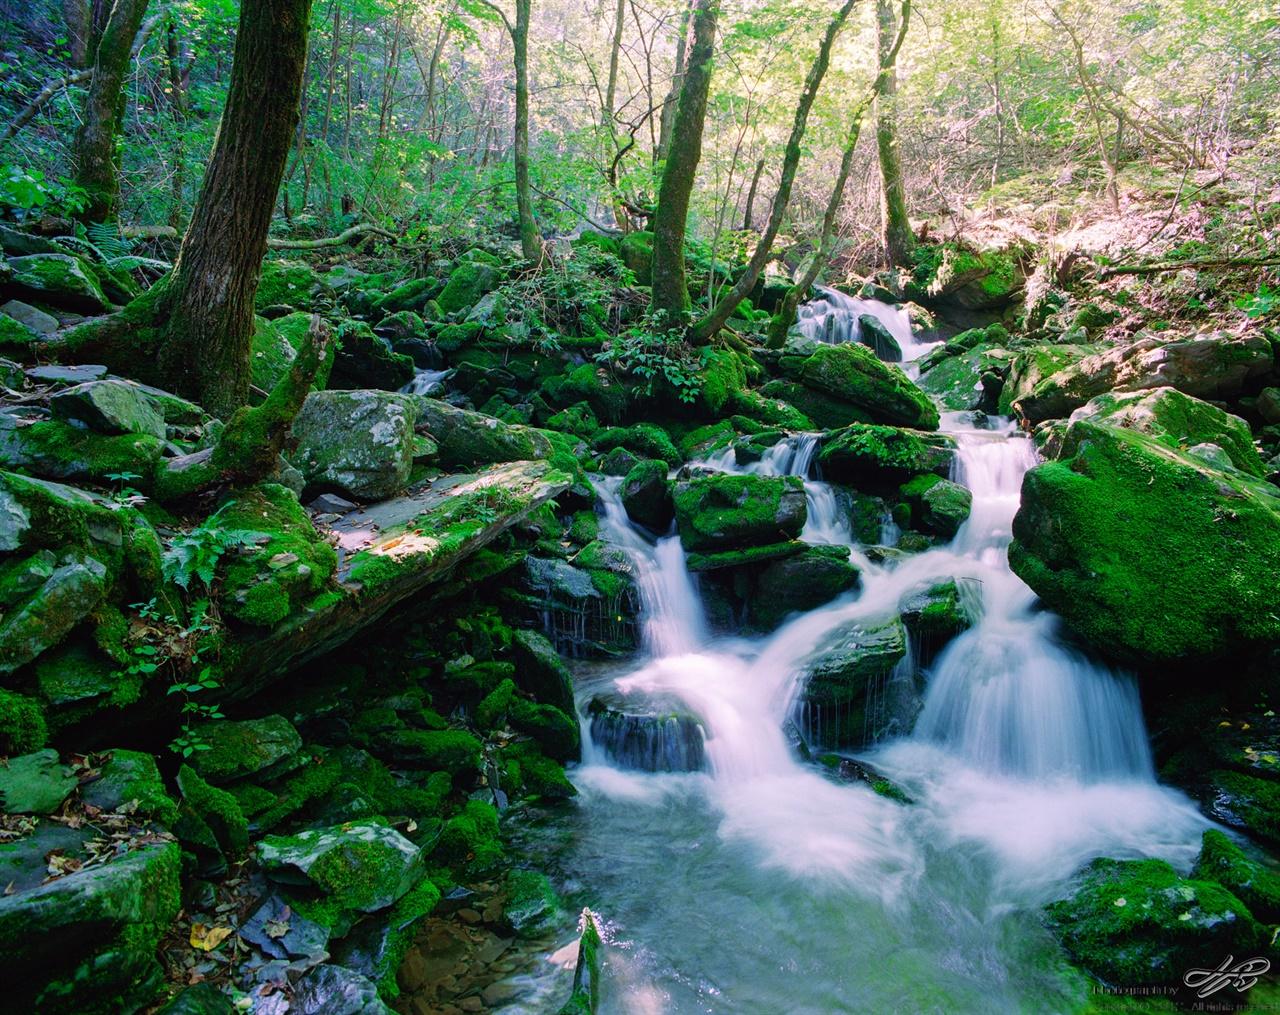 장전계곡 (Portra400)녹색 이끼 사이로 얼음장처럼 차가운 물이 흐른다.